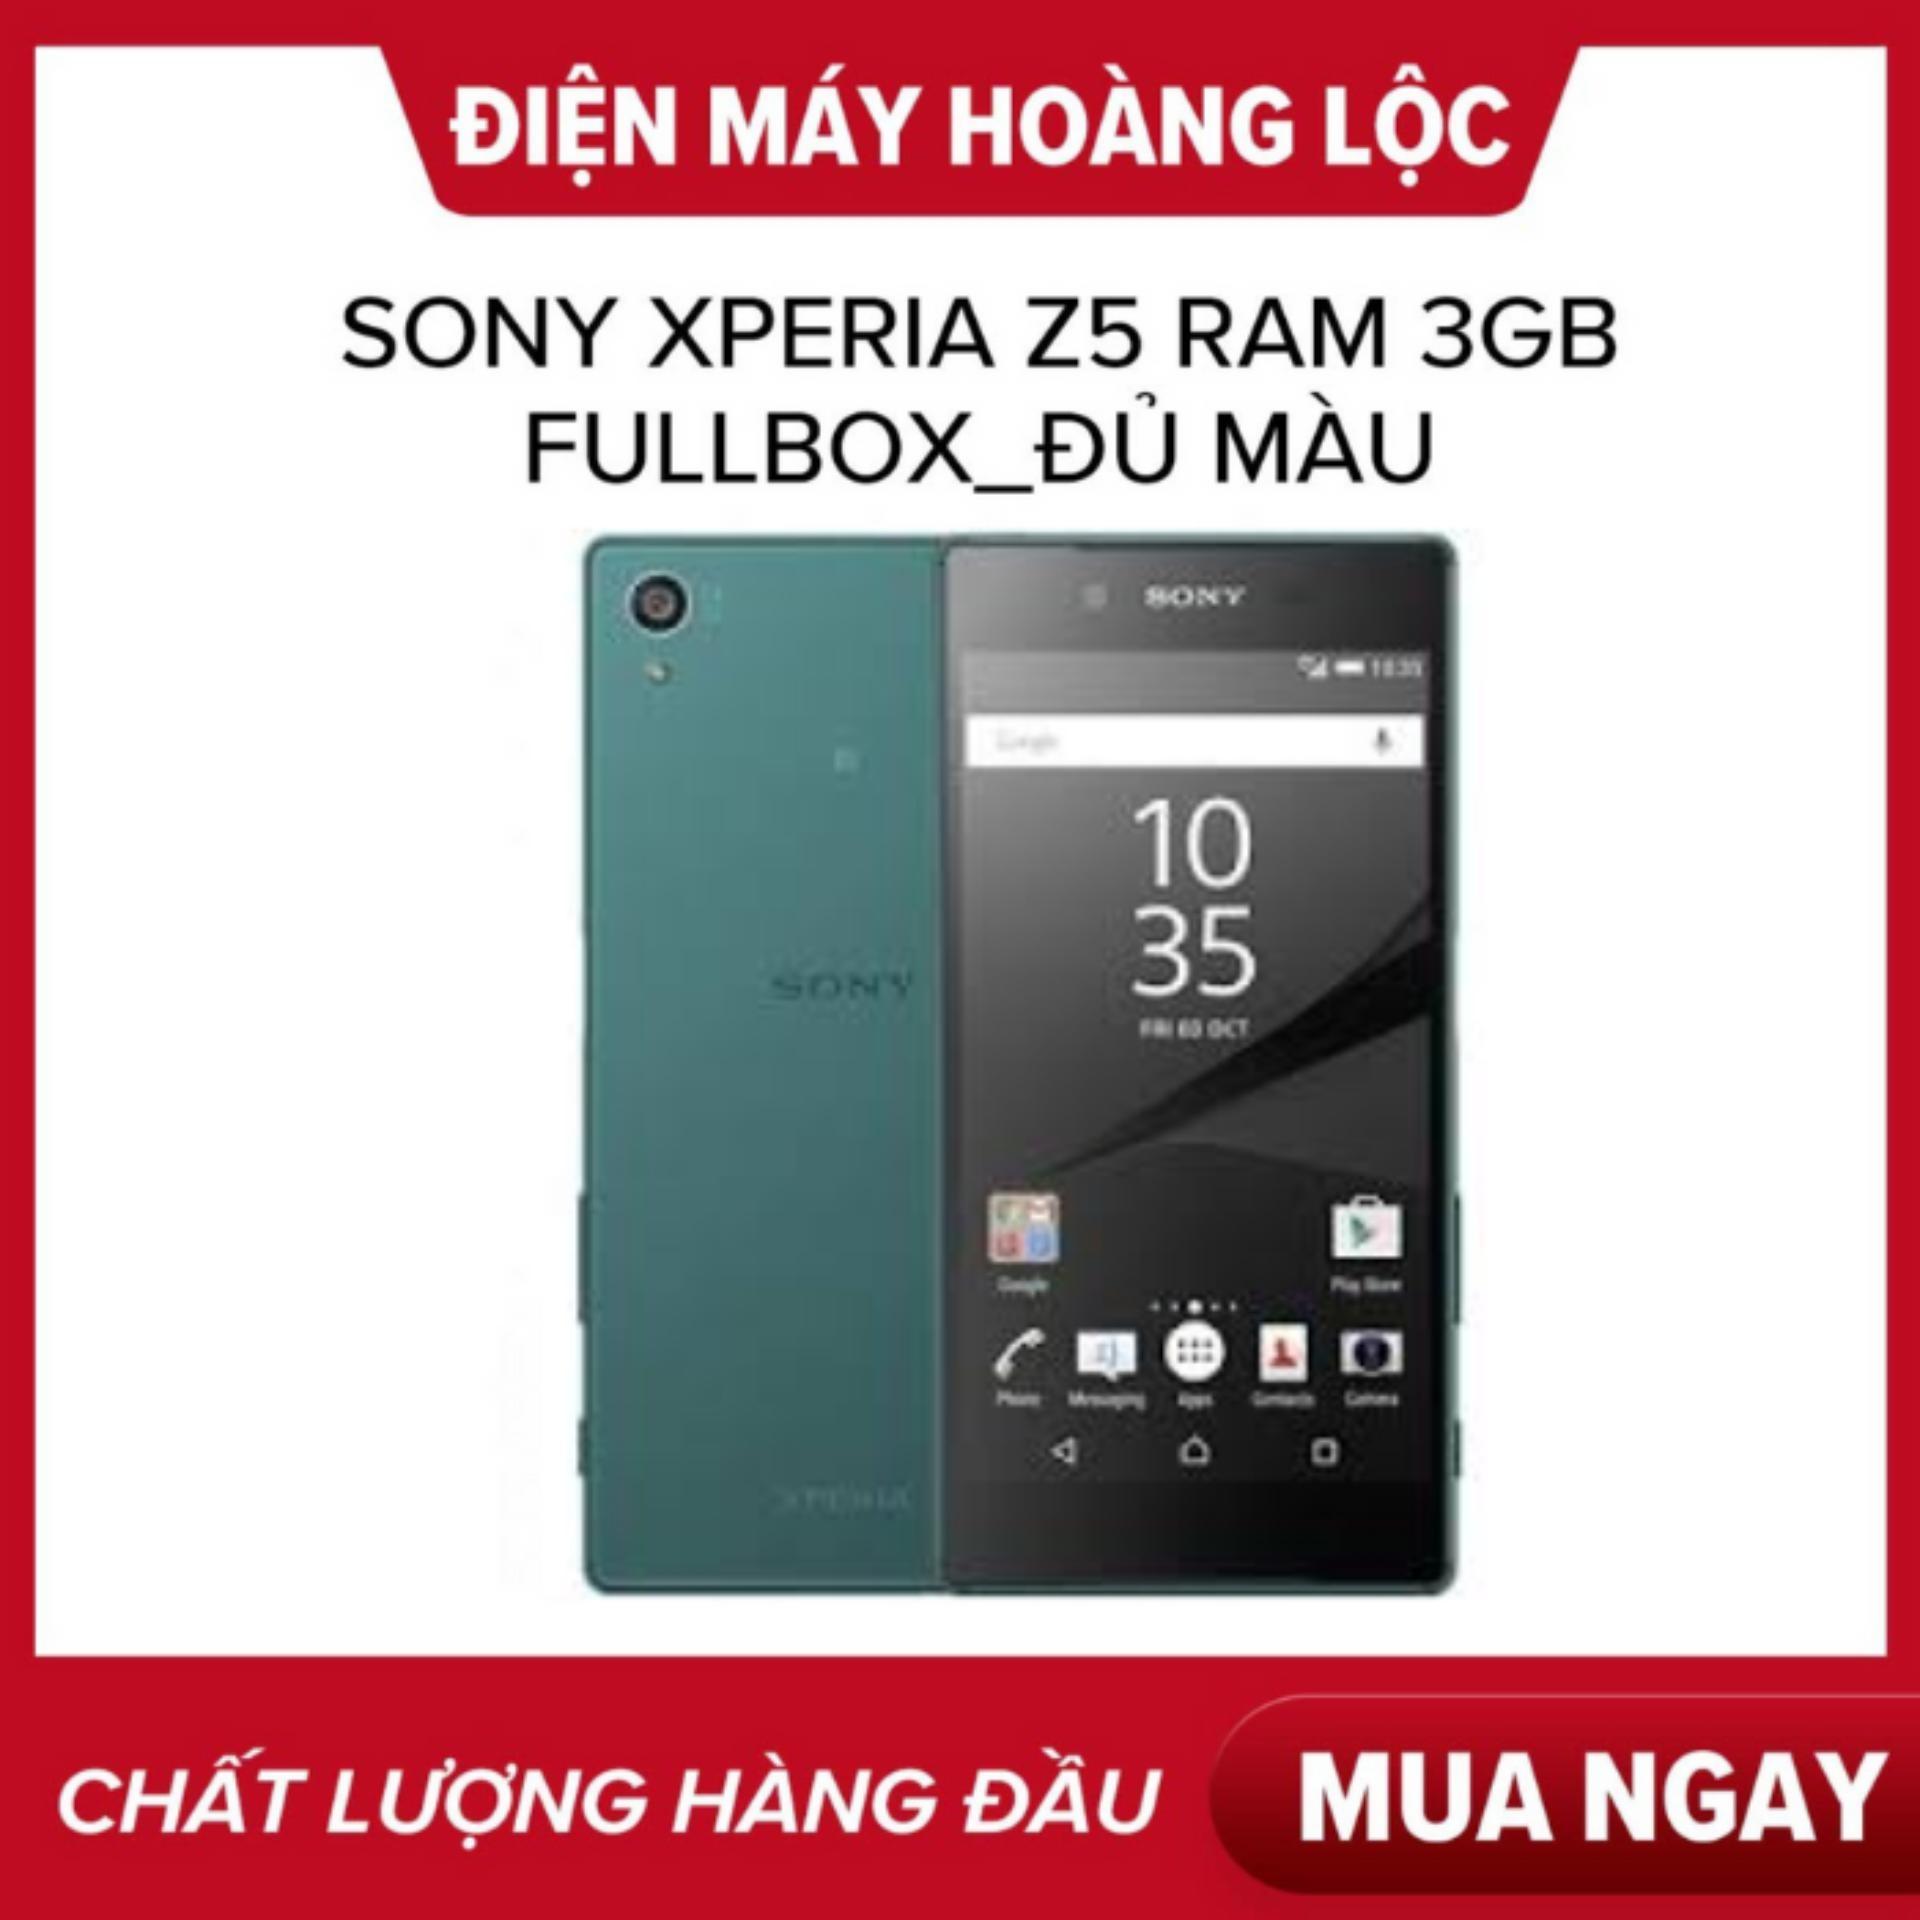 Ưu Đãi Khuyến Mại Khi Mua GIÁ SỐC  Sony Xperia Z5 Ram 3Gb Mới Fullbox Bảo Hành 1 Năm  Màn Hình IPS LCD, 5.2 , Full HD Android 6.0 (Marshmallow) Dung Lượng Pin 2900 MAh,